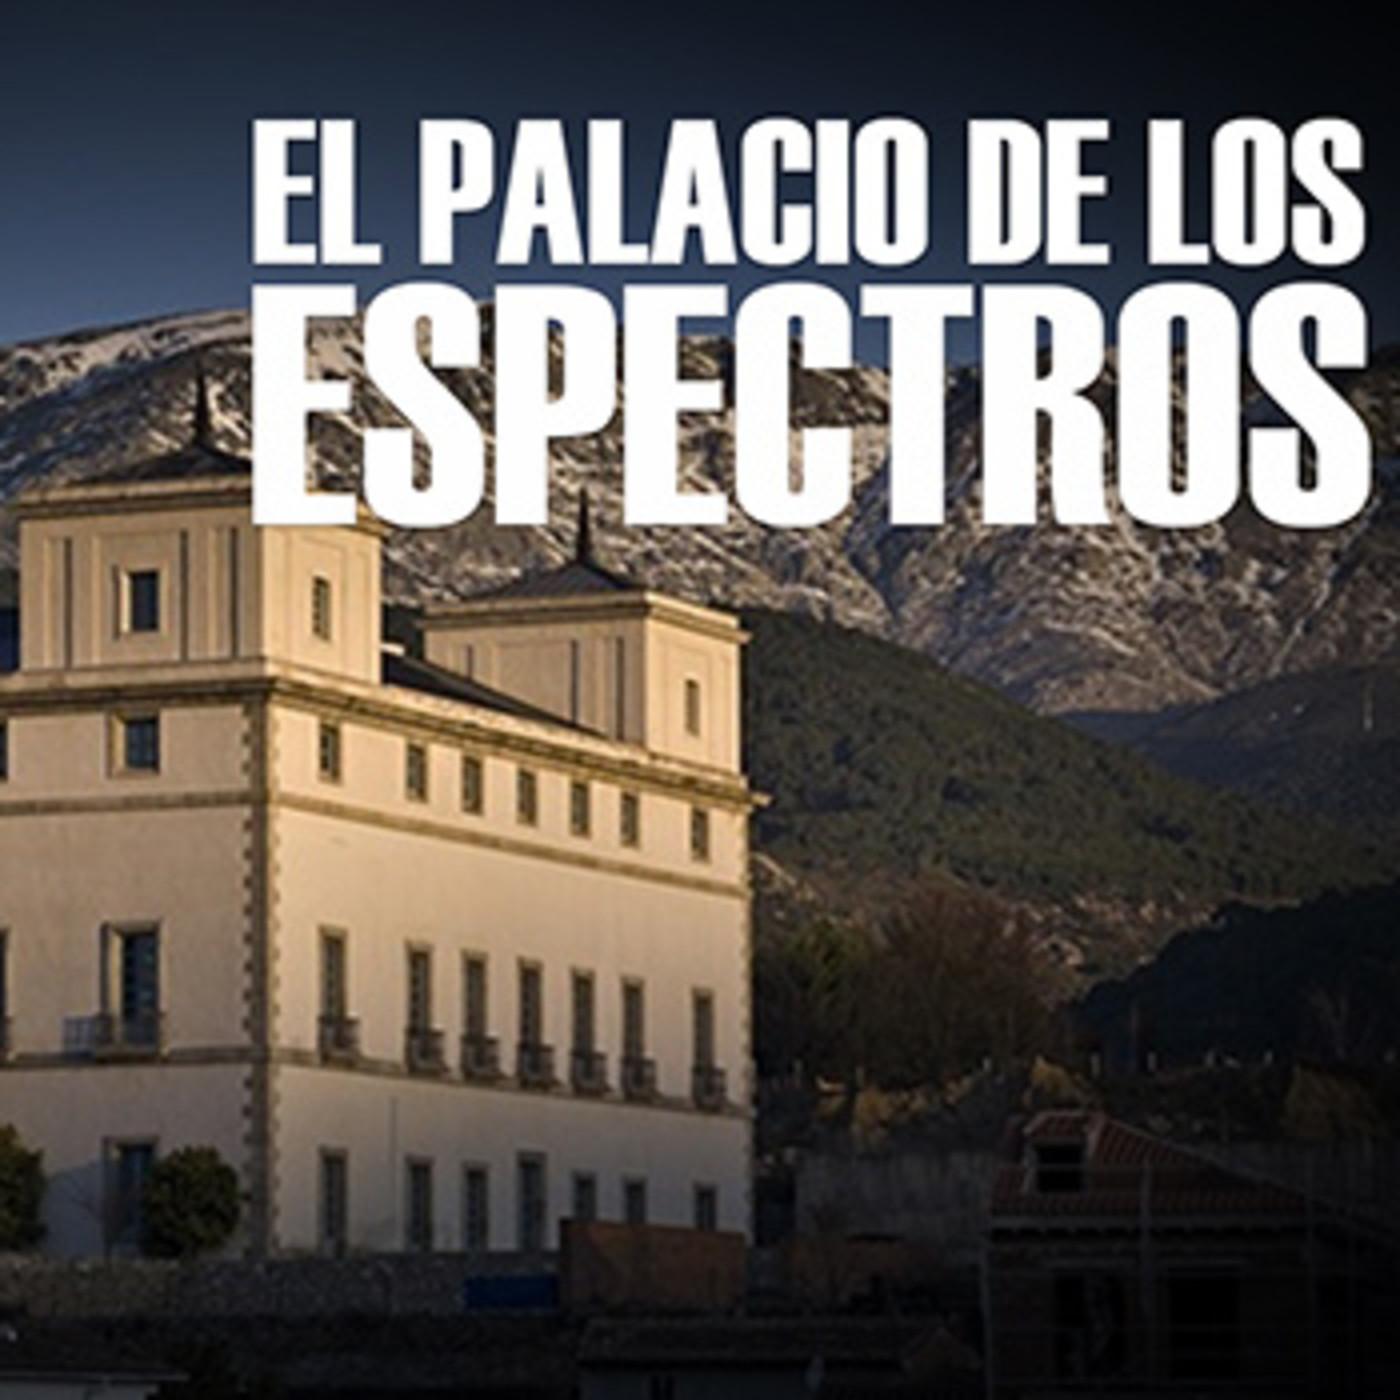 Cuarto milenio: El palacio de los espectros en Cuarto Milenio ...